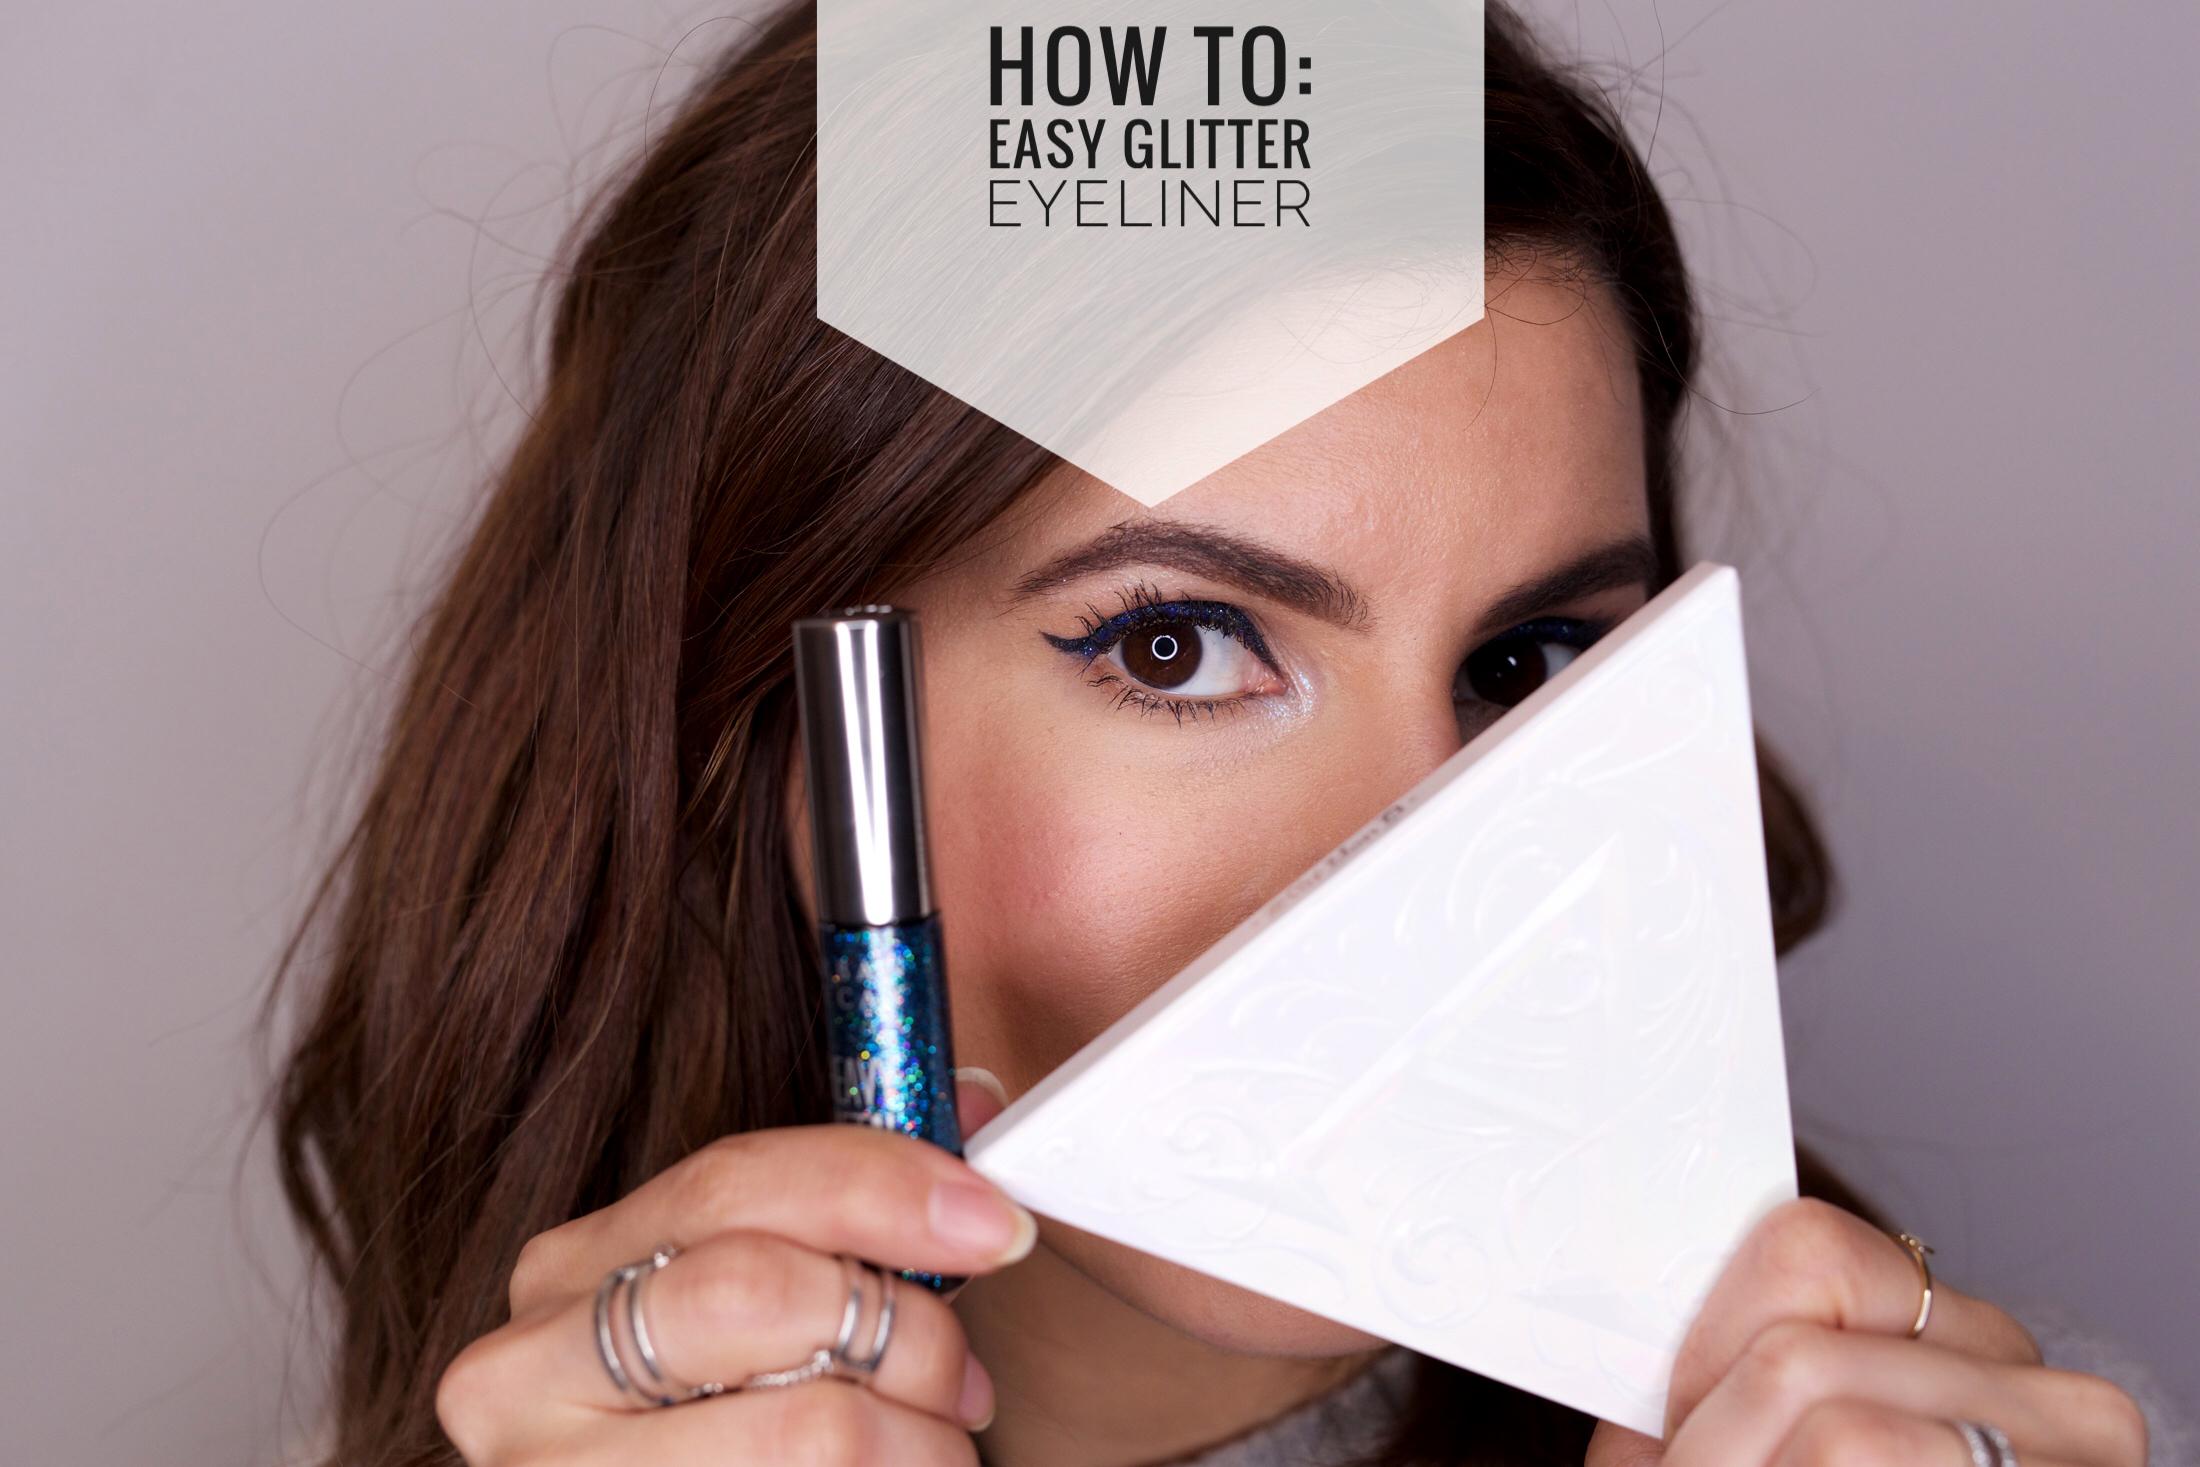 HOW TO Easy Glitter Eye Liner - woahstyle.com 2.jpg